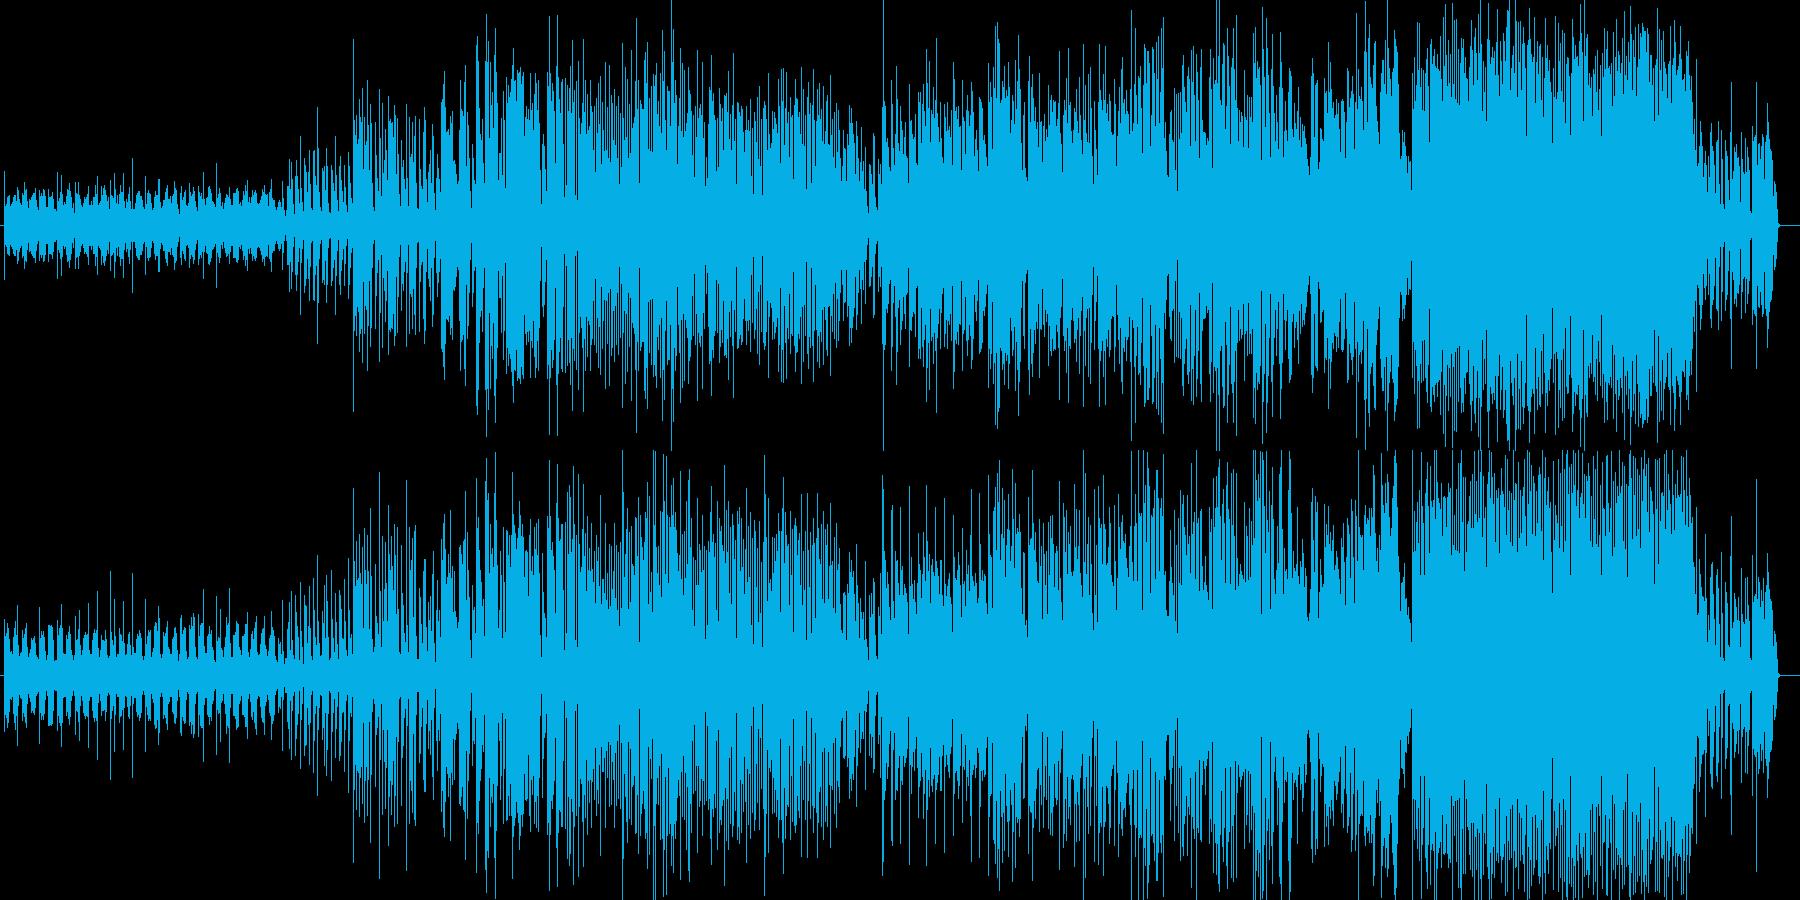 ウィルス達のパーティをイメージしたBGMの再生済みの波形